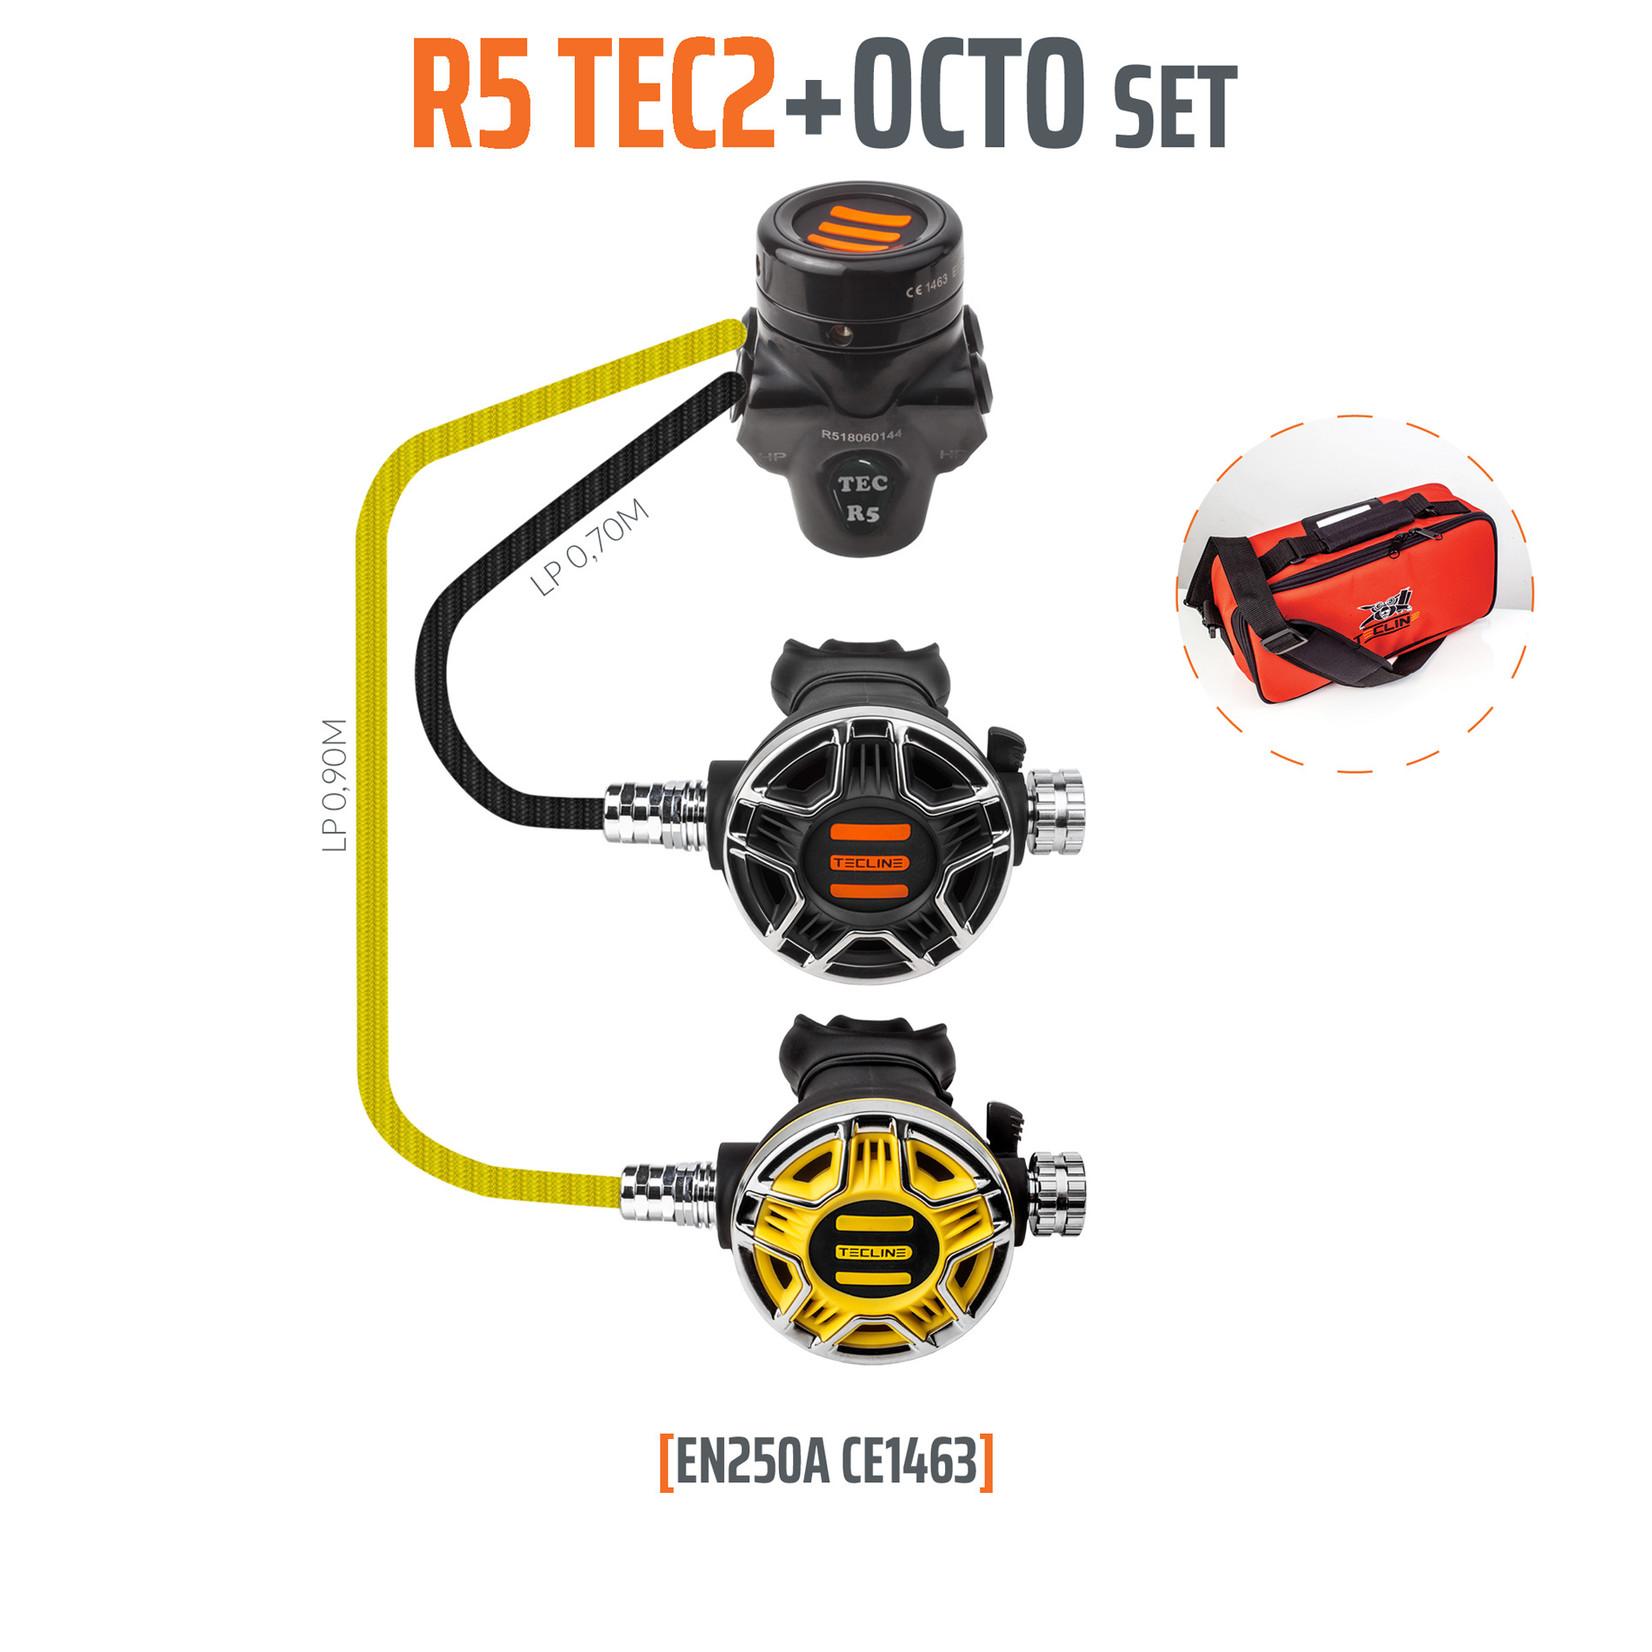 Tecline Regulator R5 TEC2 and octopus - EN250A